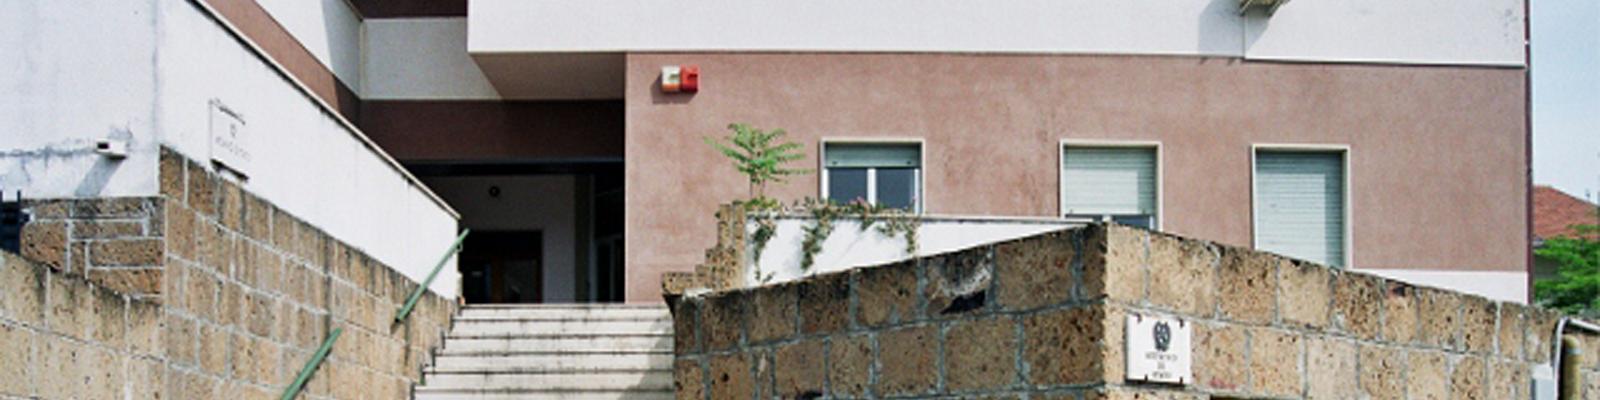 Biblioteca dell'Archivio di Stato di Chieti e Sez. di Lanciano